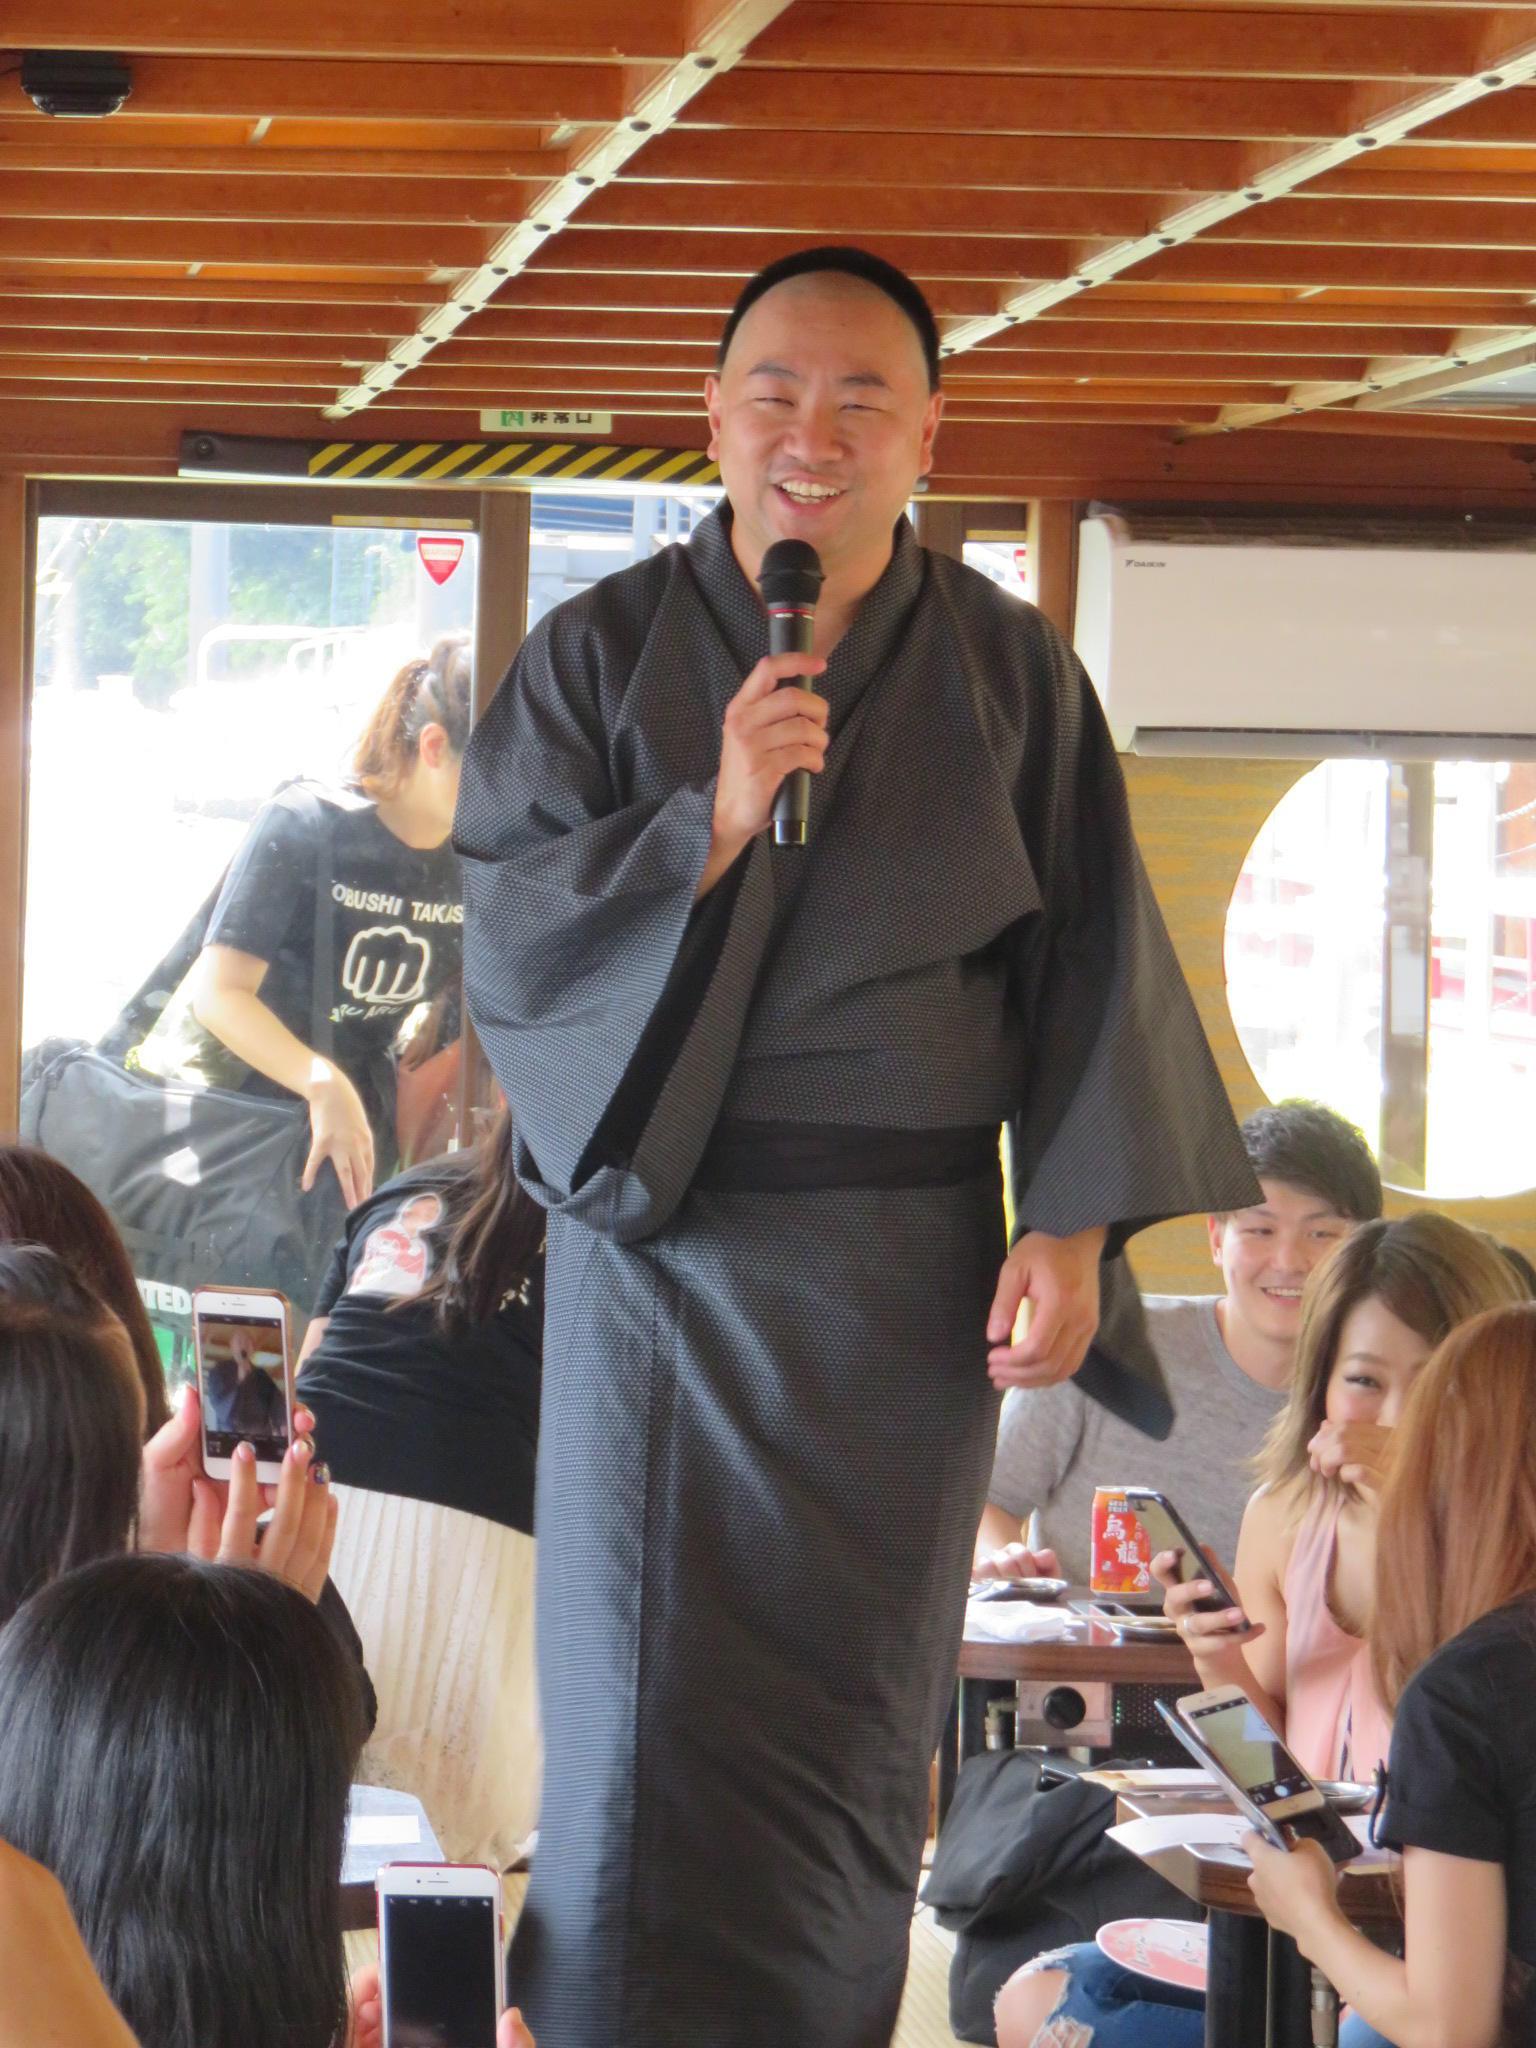 http://news.yoshimoto.co.jp/20170807125100-6bda4b981641bc6cc0b6bde95d98bc23ae9cd8ee.jpg